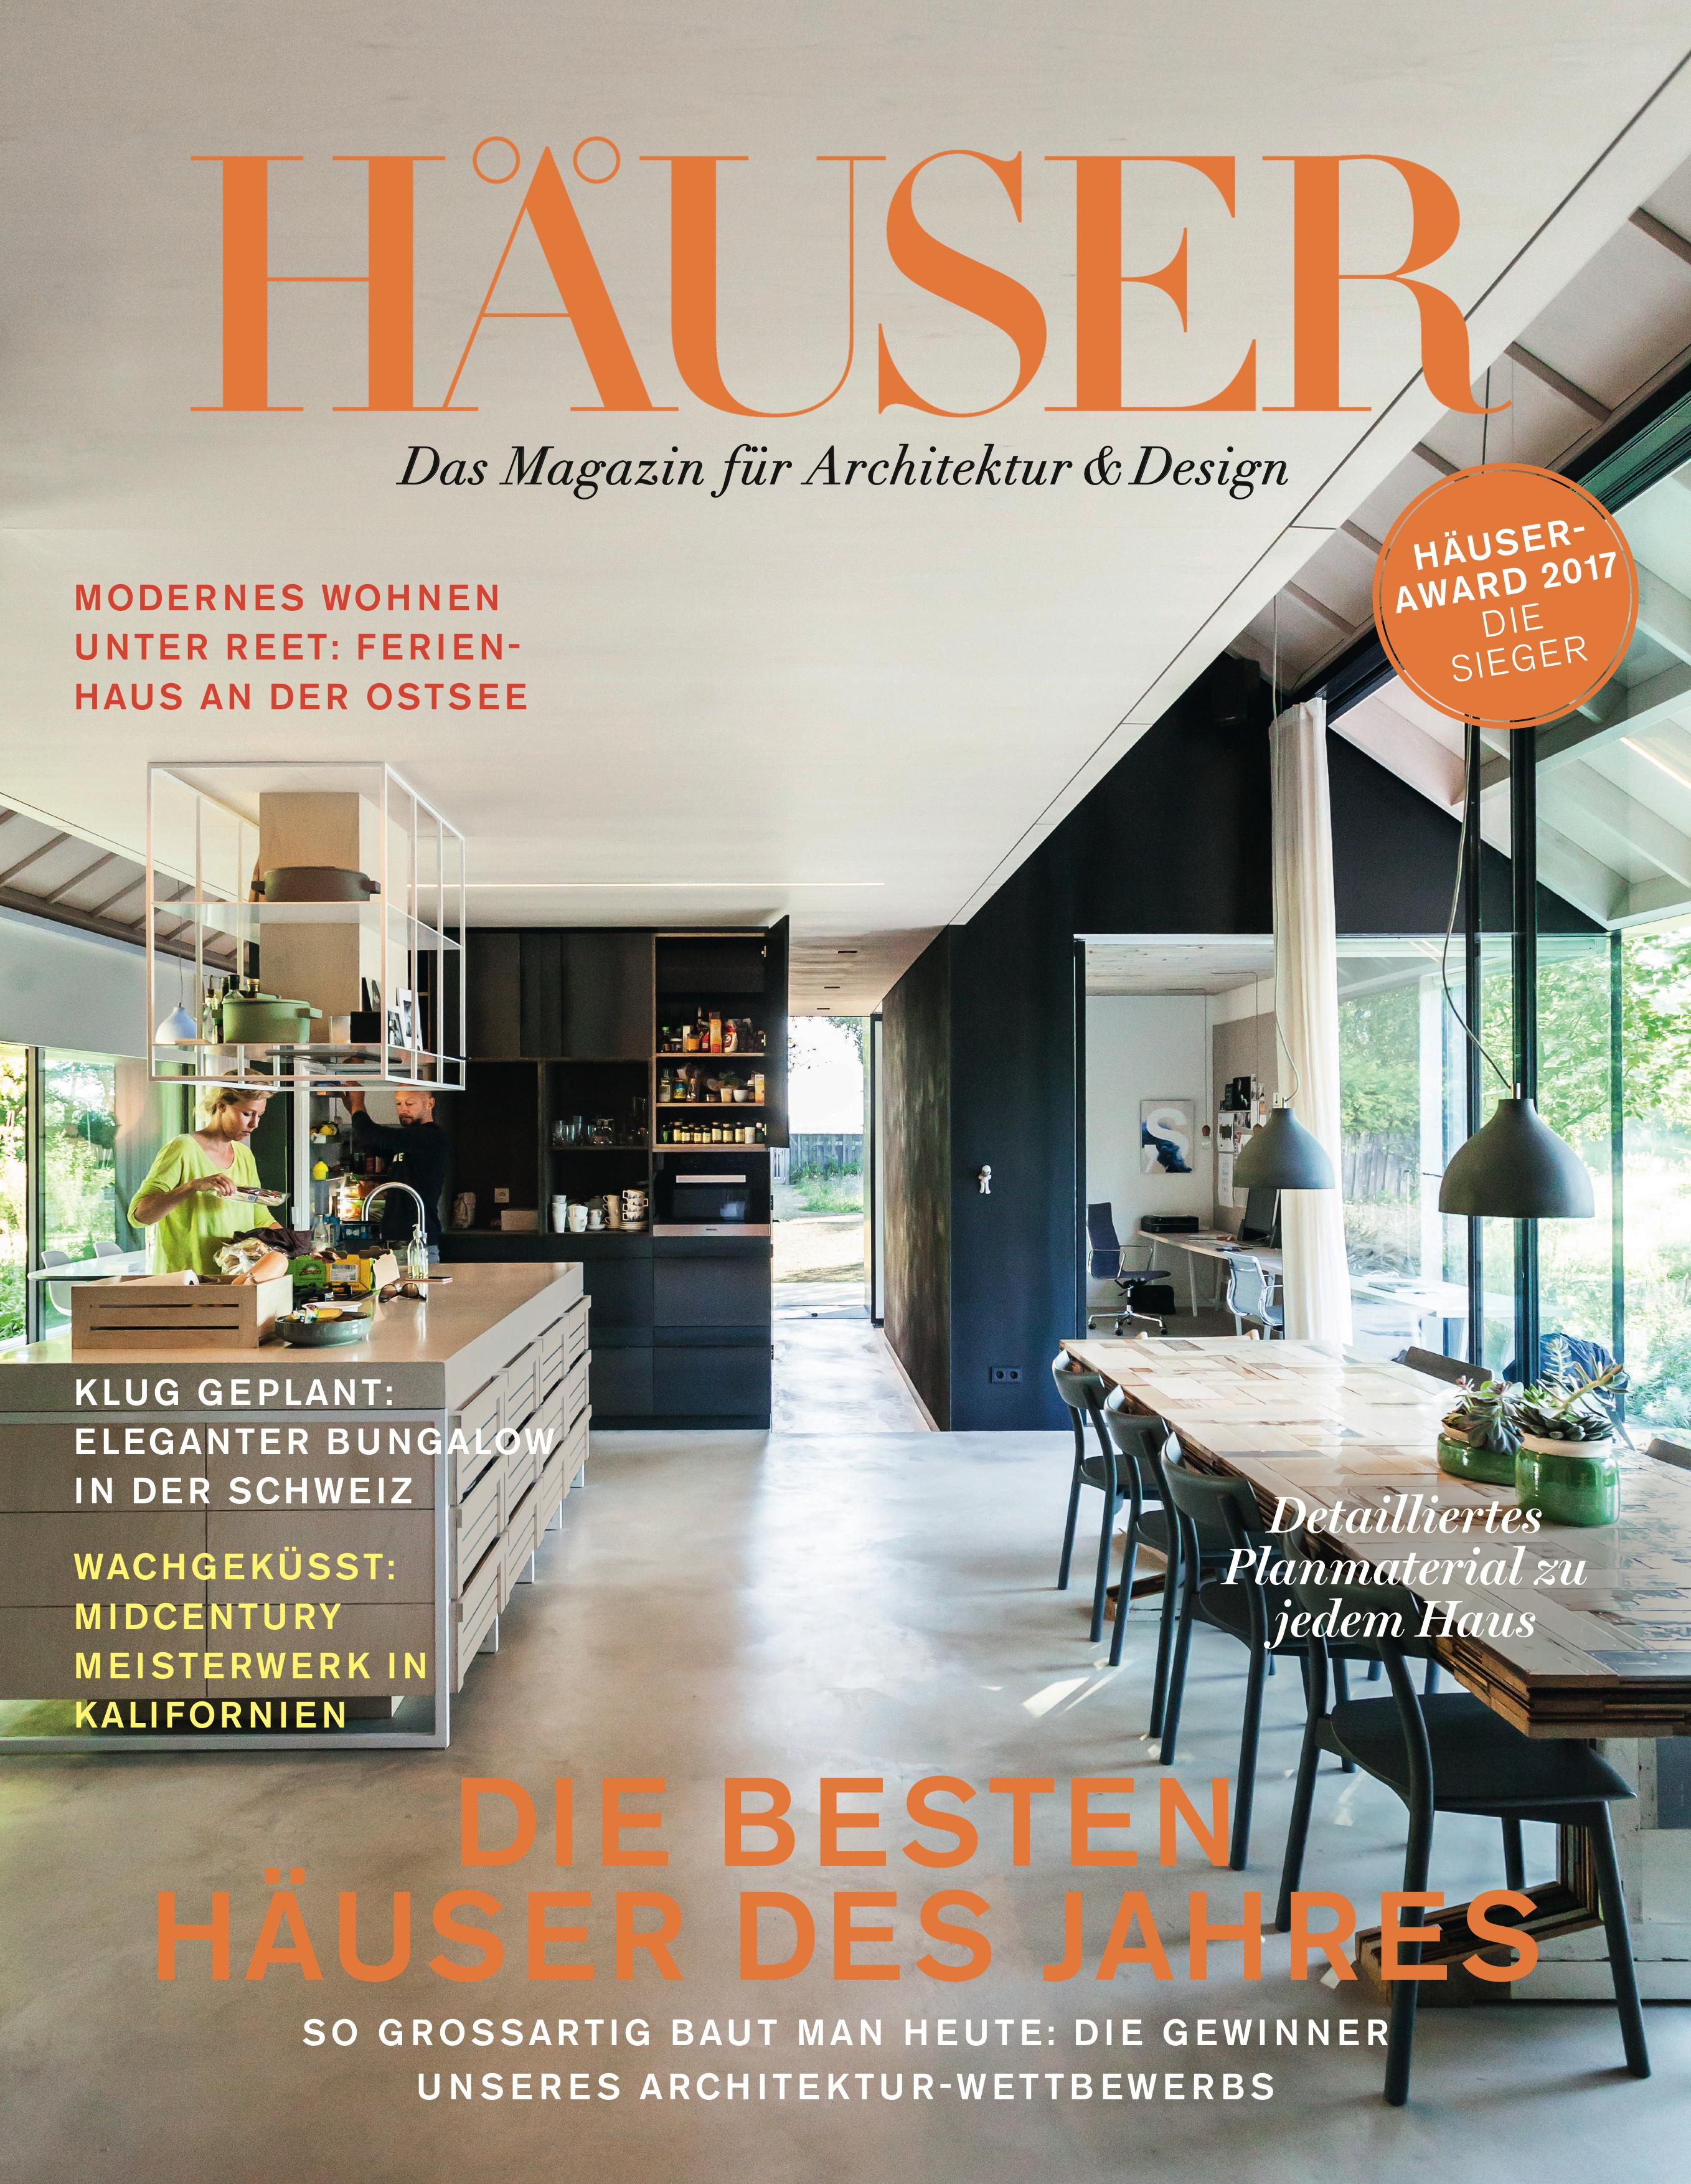 ▷ HÄUSER-AWARD 2017: Die spektakulärsten Einfamilienhäuser Europas ...